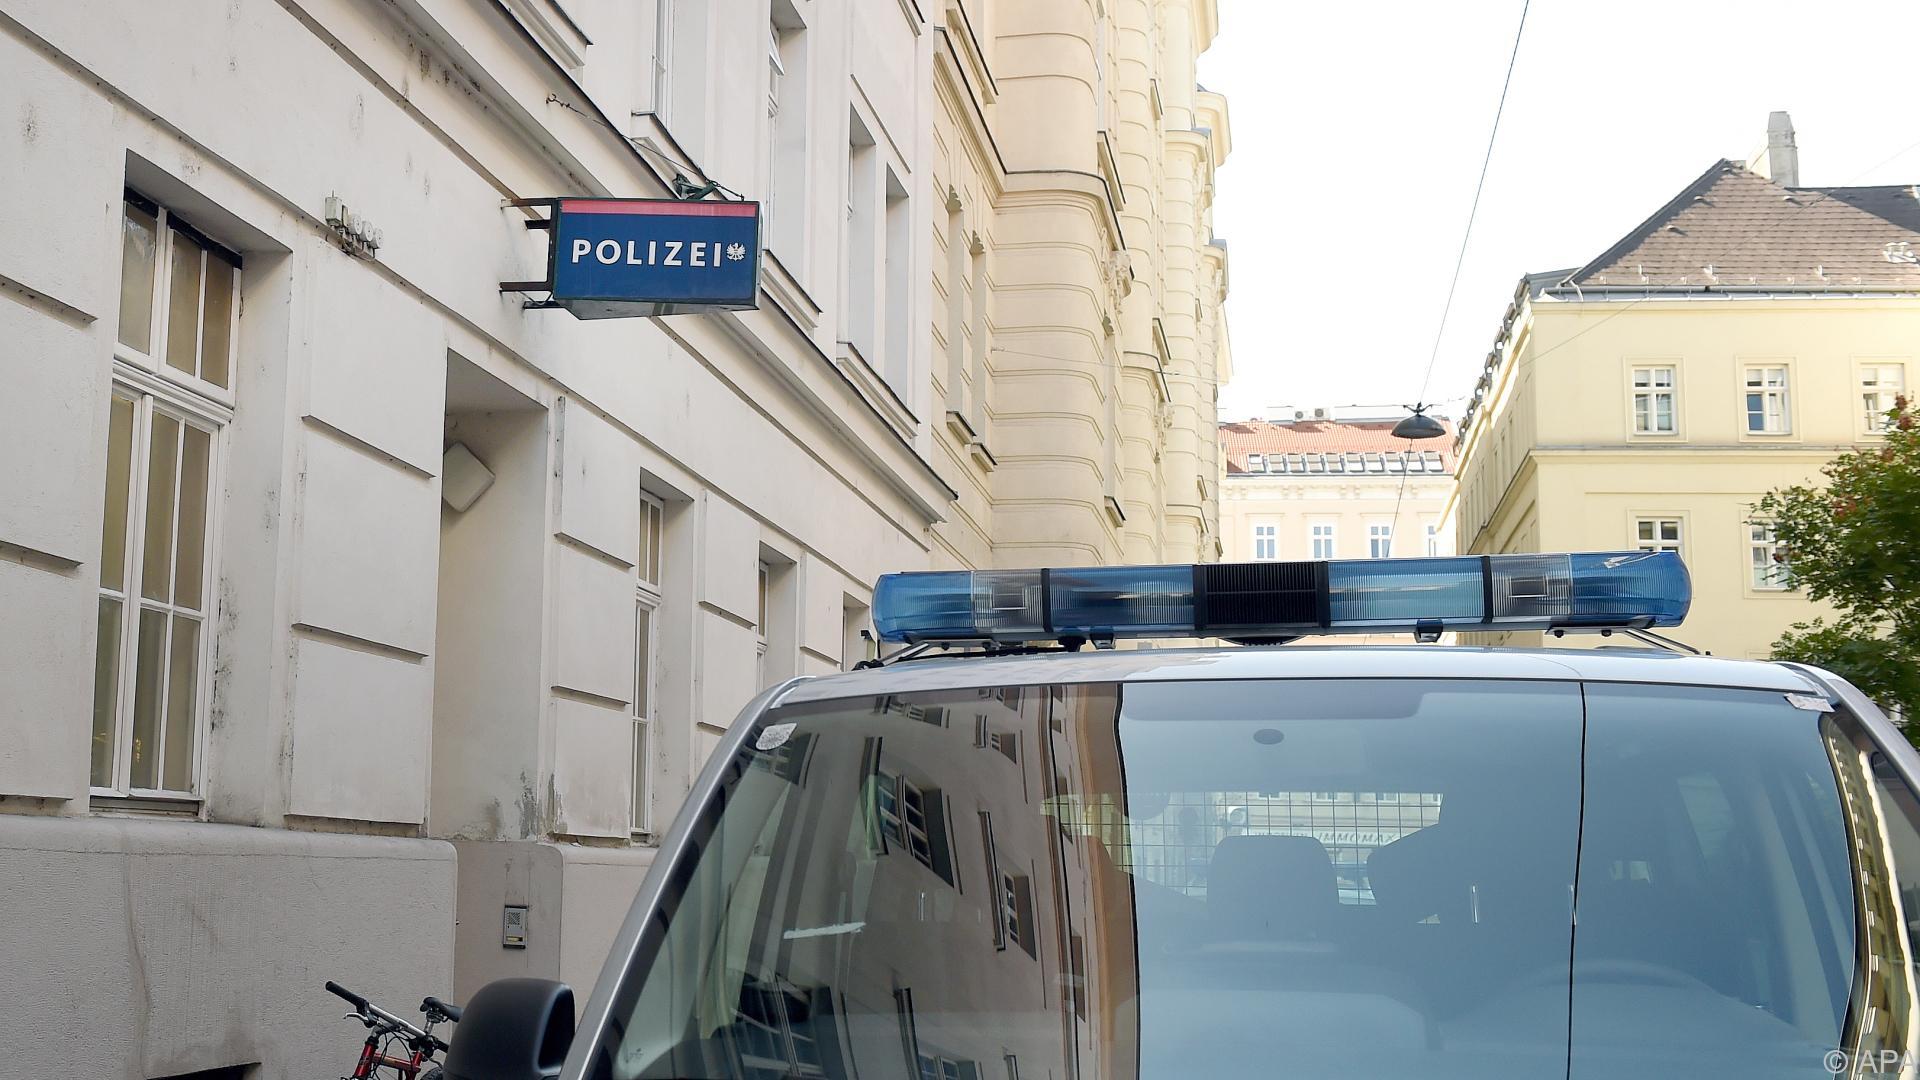 Ehefrau in Wien mit Holzlatte erschlagen - U-Haft verhängt